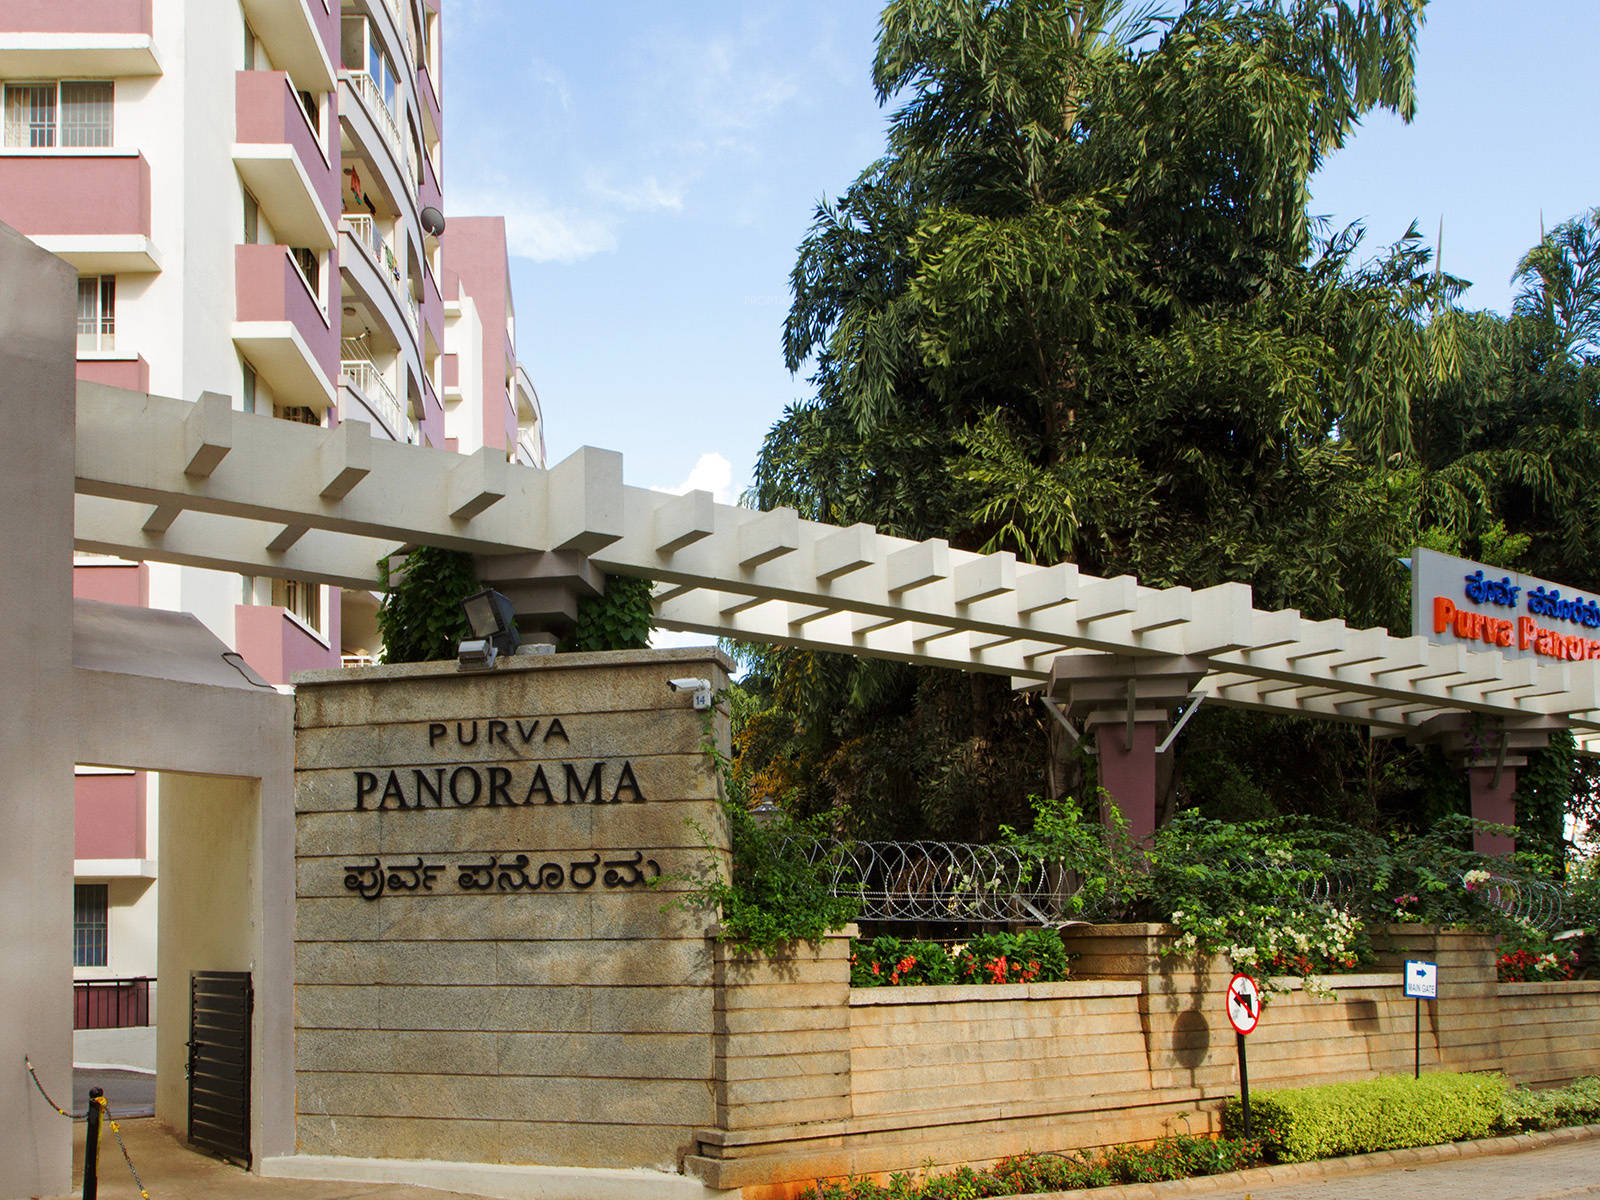 Puravankara Purva Panorama